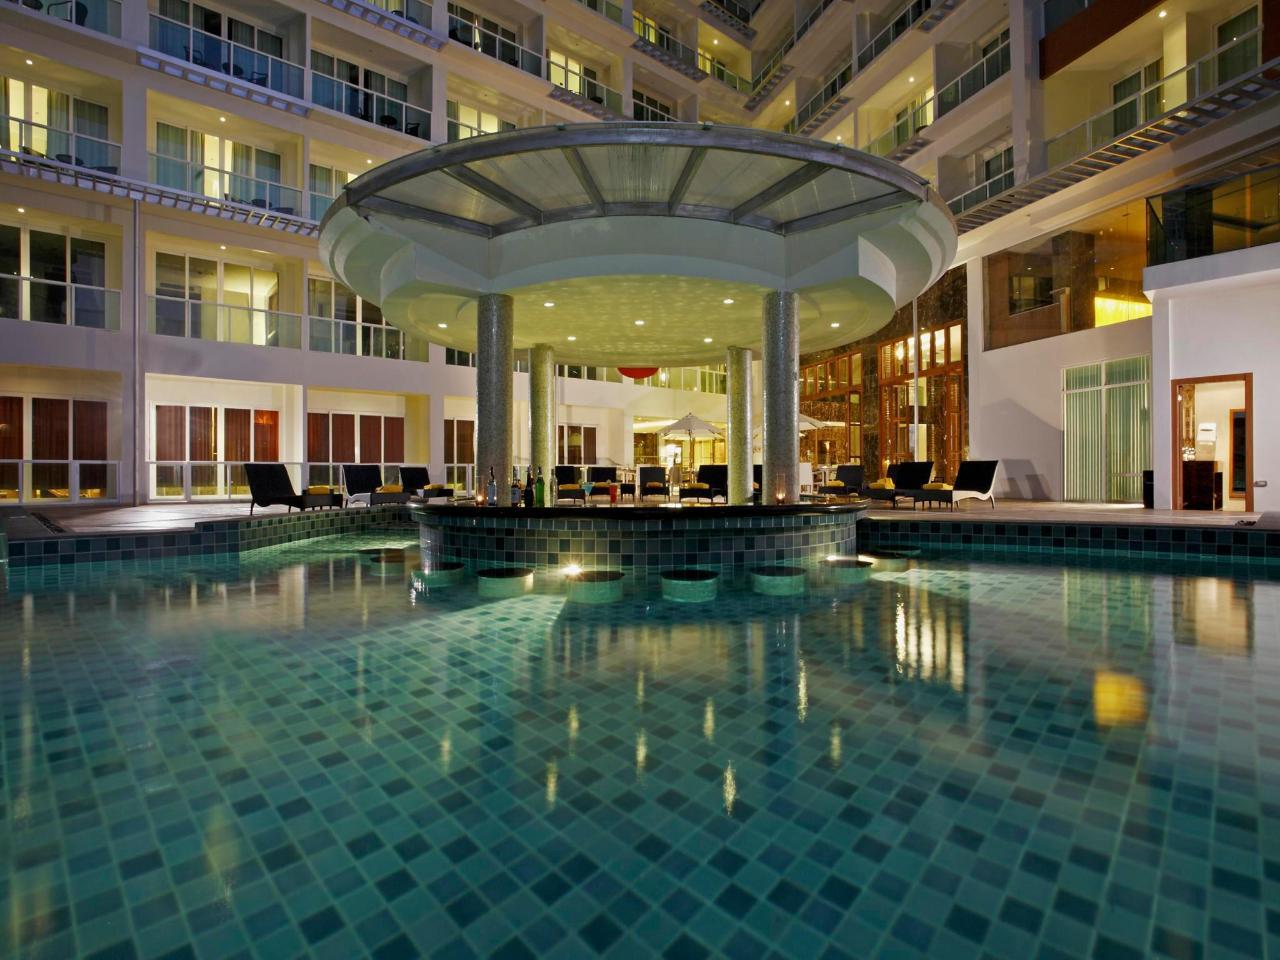 เซนทารา โนวา โฮเต็ล แอนด์ สปา พัทยา (Centara Nova Hotel & Spa Pattaya)